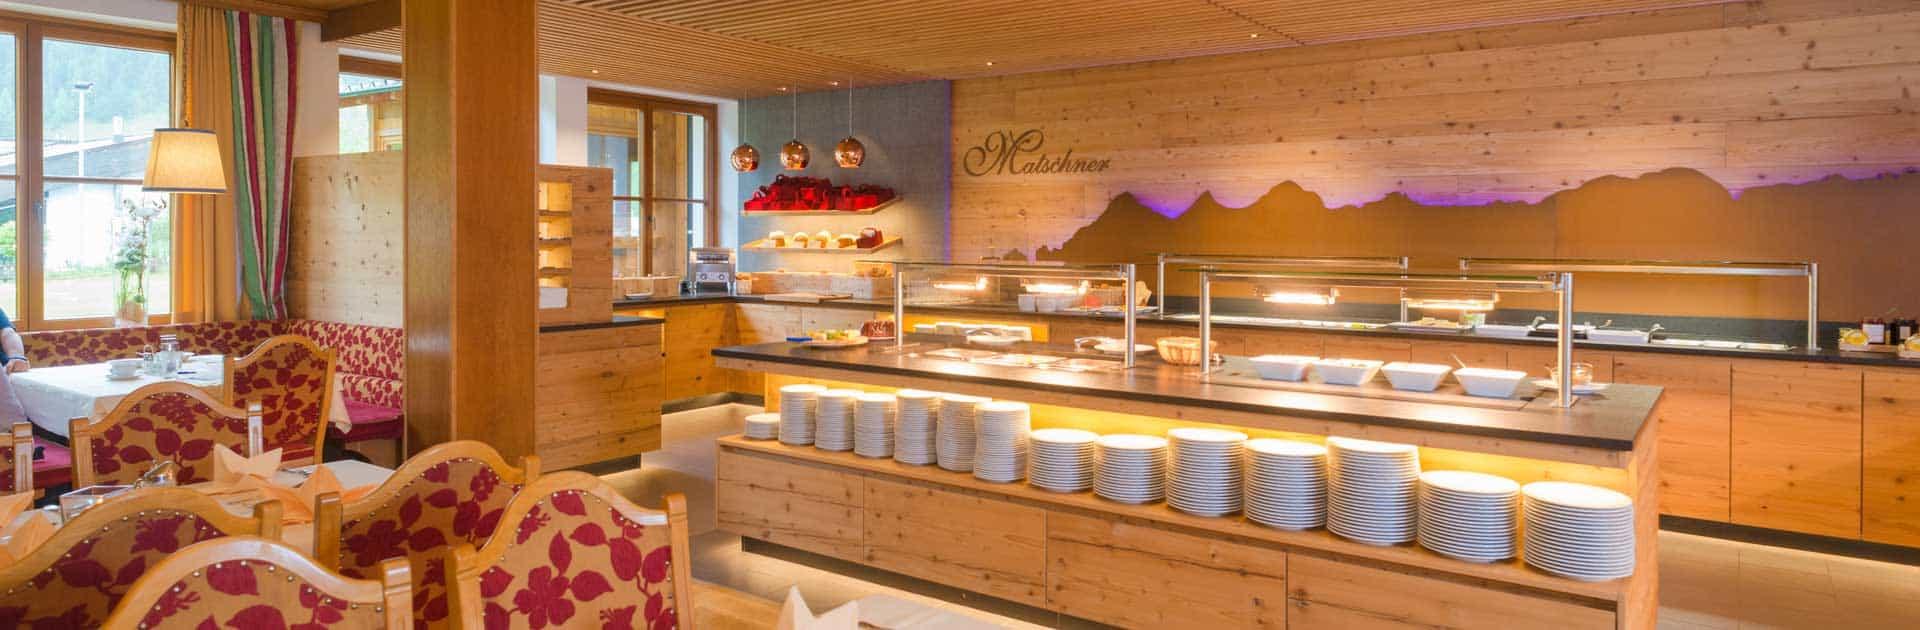 Matschner-fruehstueckbuffet